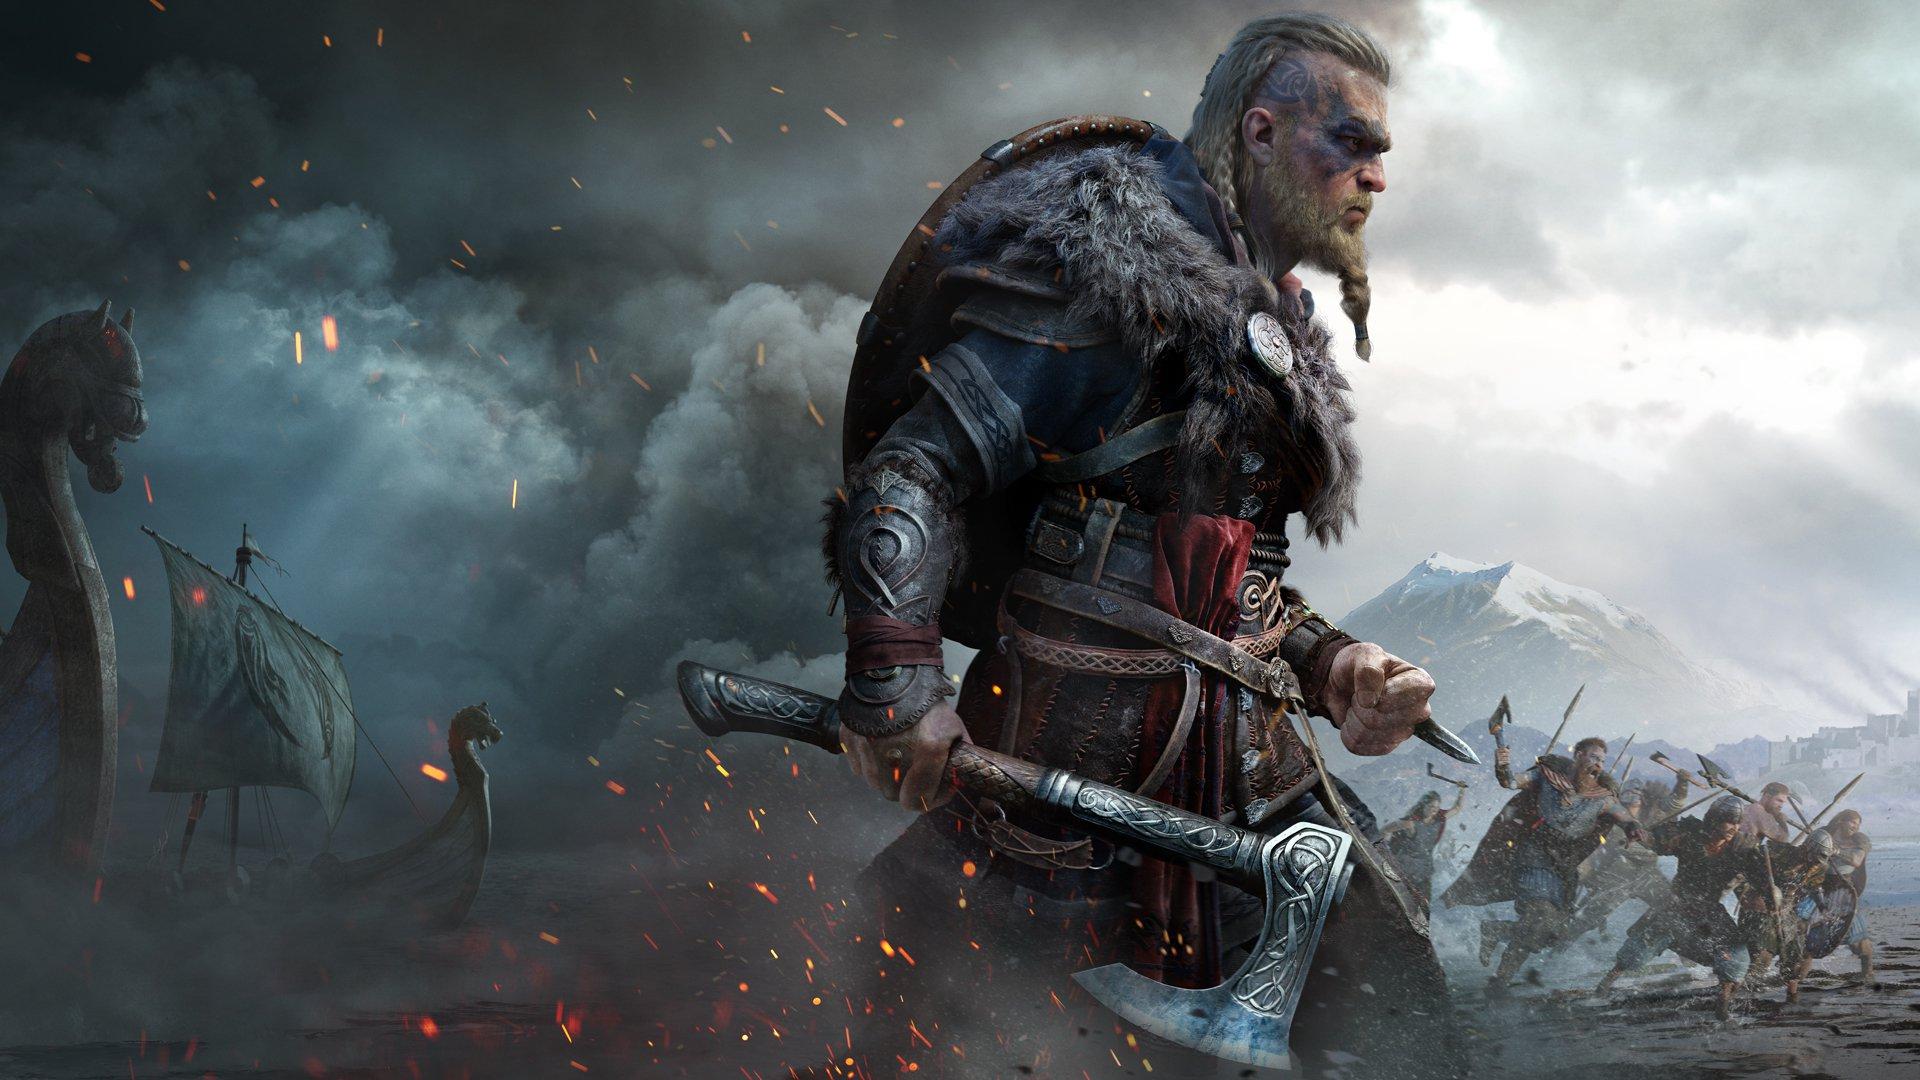 Assassin's Creed Valhalla je hrdinským eposem z doby vikingské